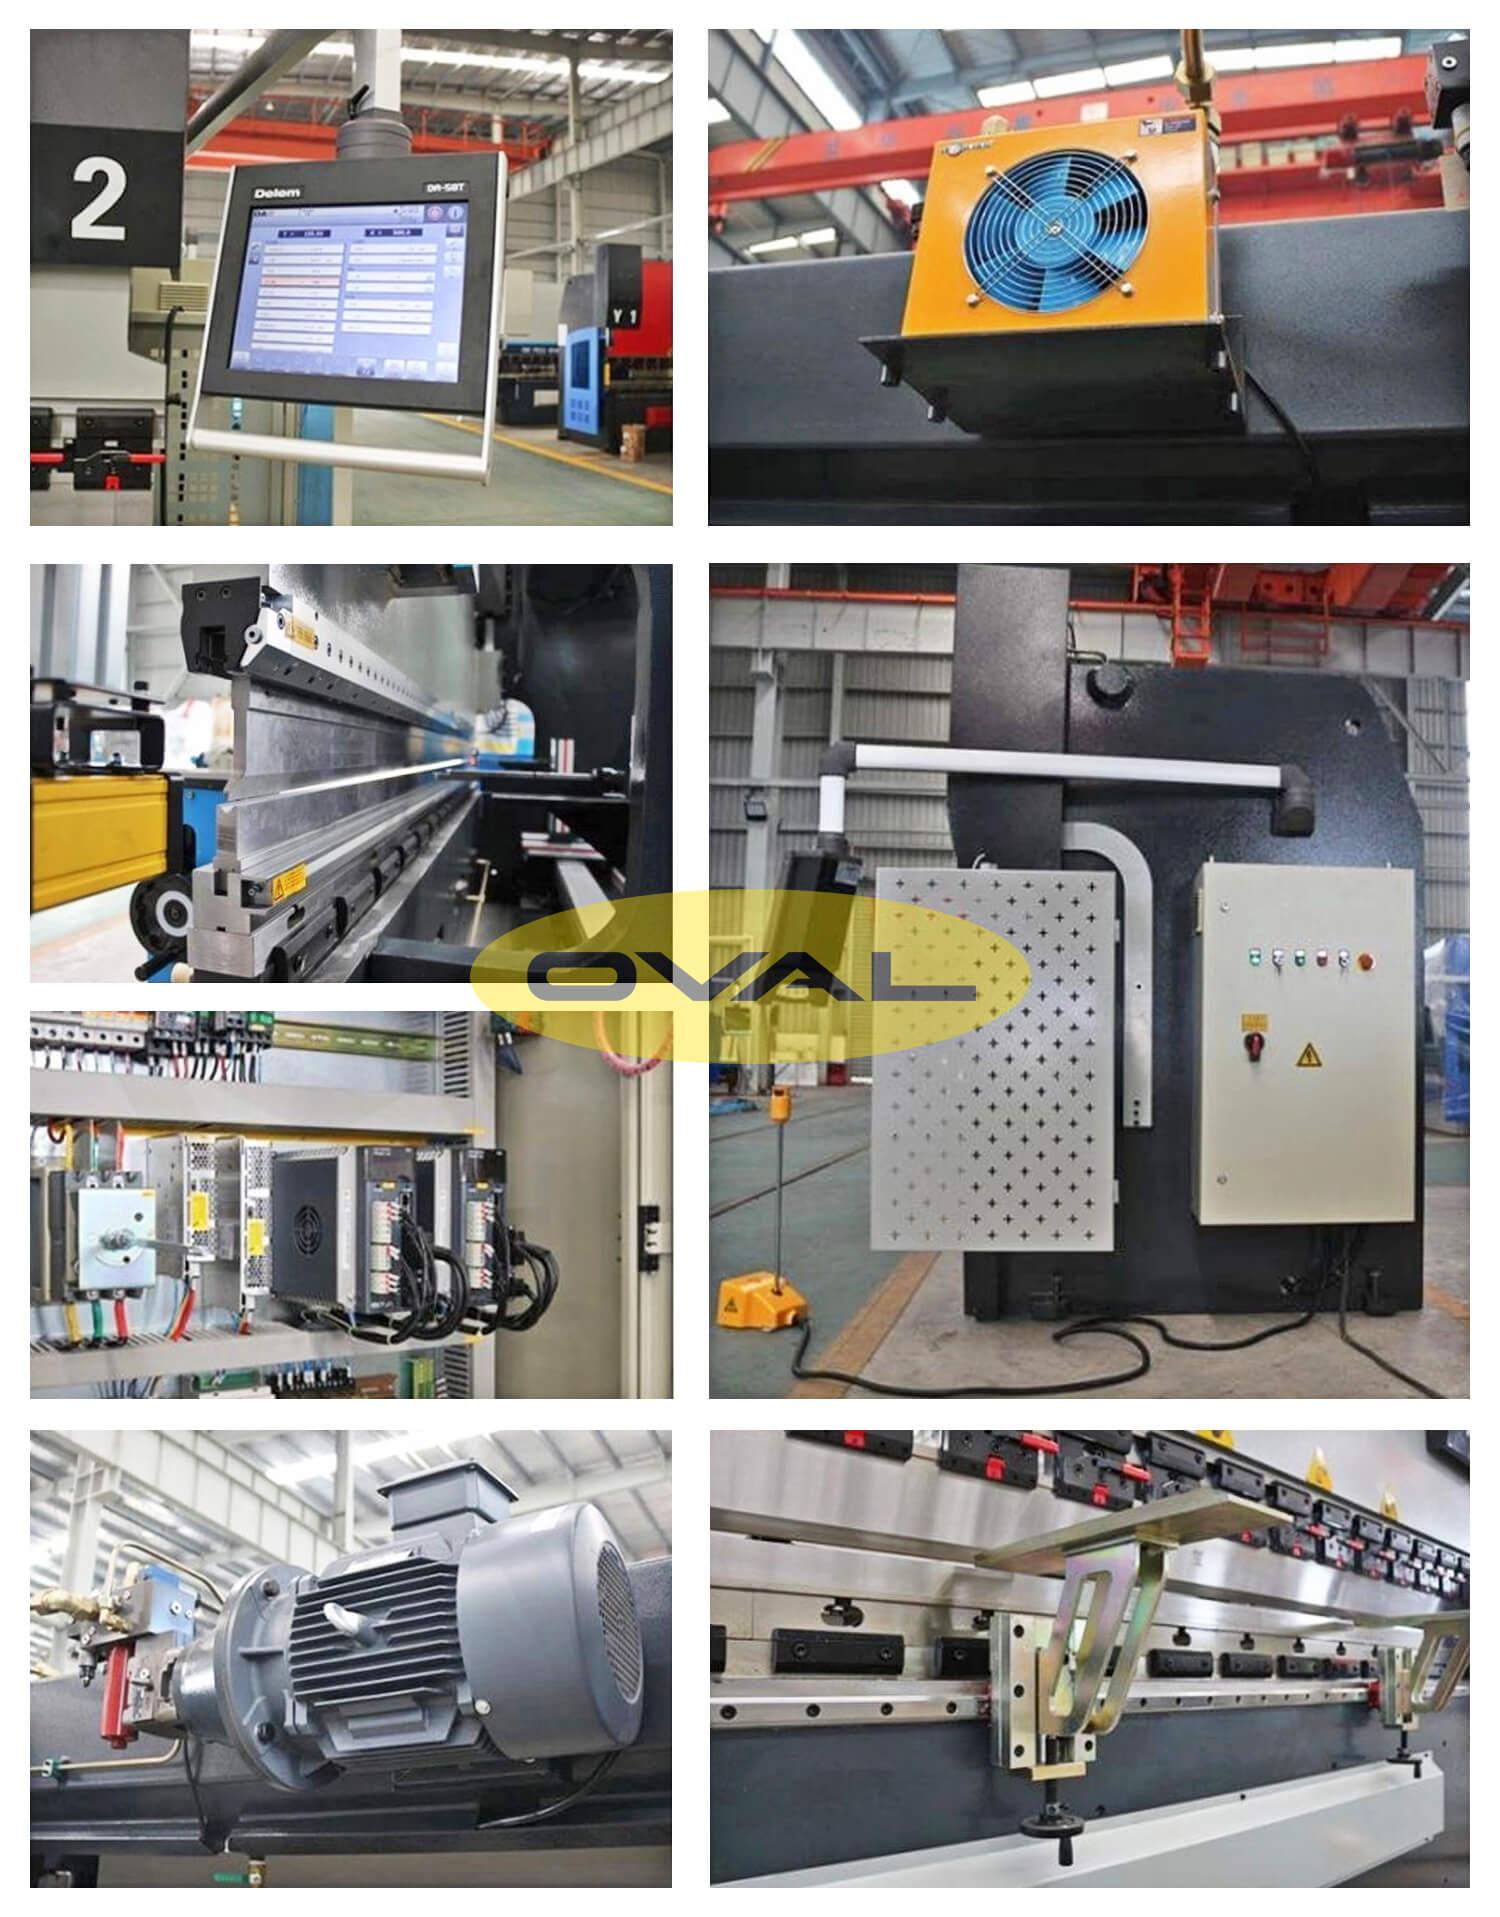 một số hình ảnh về máy chấn thuỷ lực CNC MB8 – DA58T